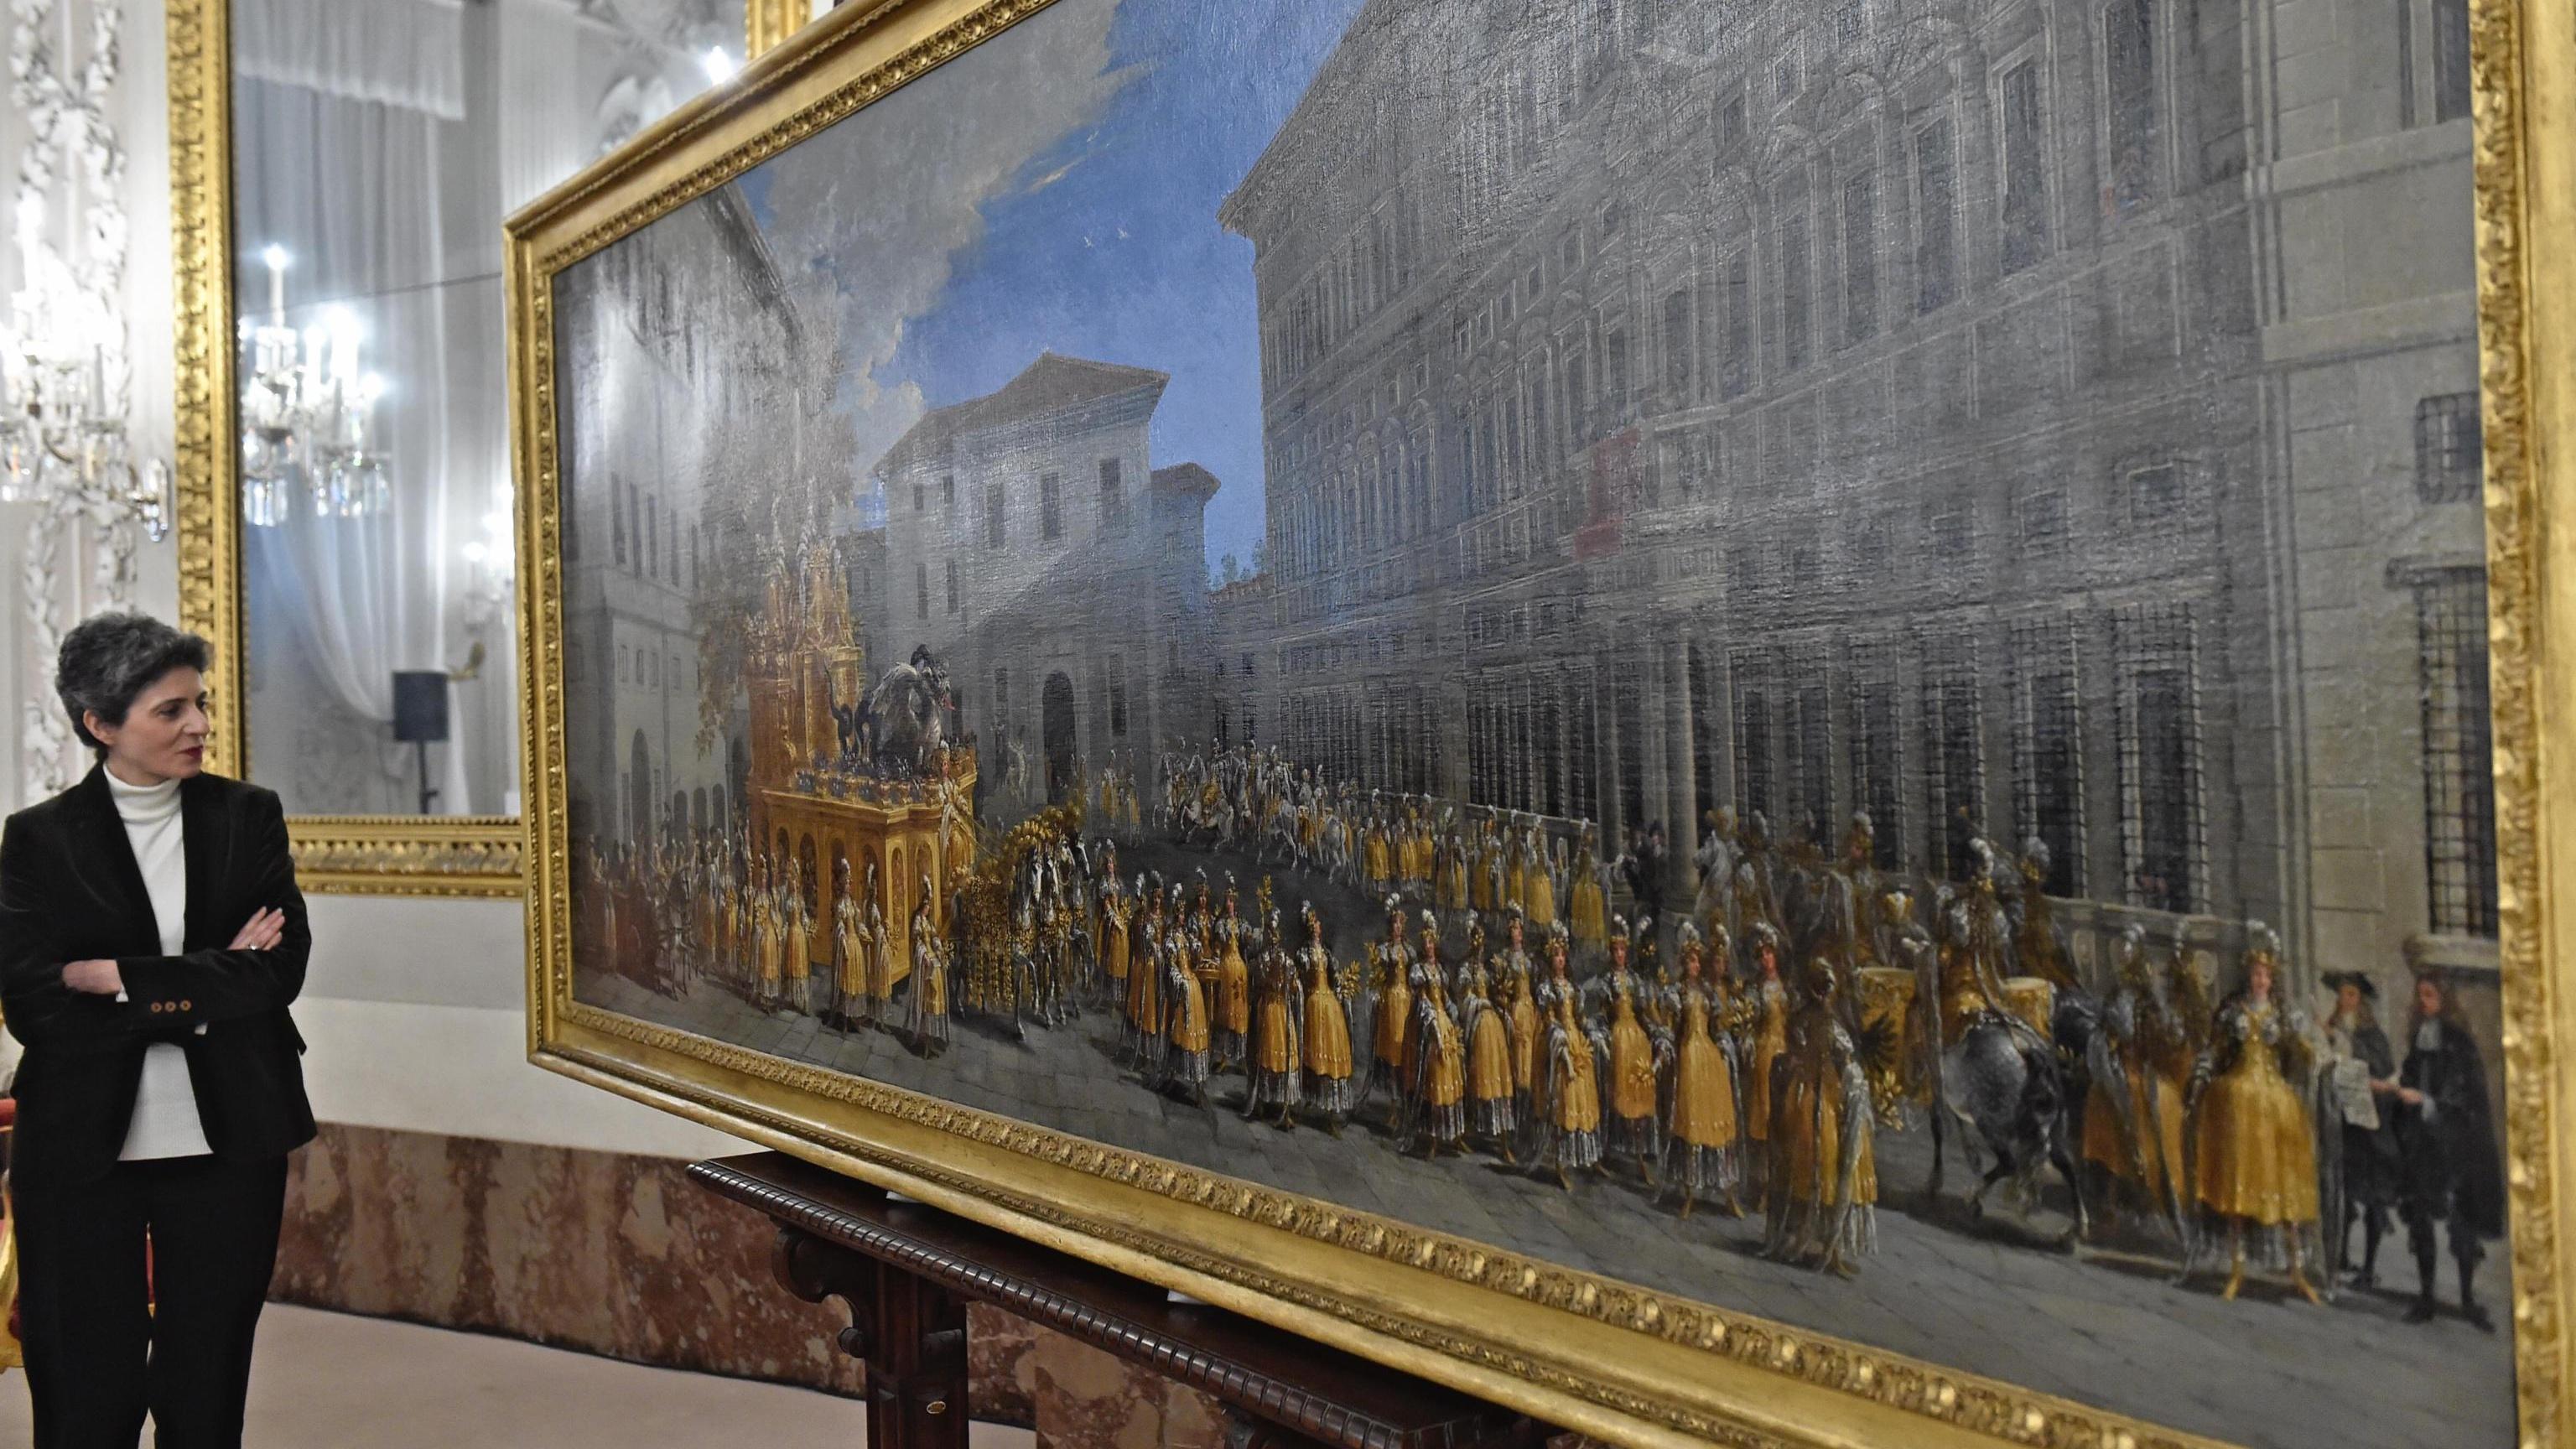 Uffizi comprano opera schor - Ansa bagno a ripoli ...